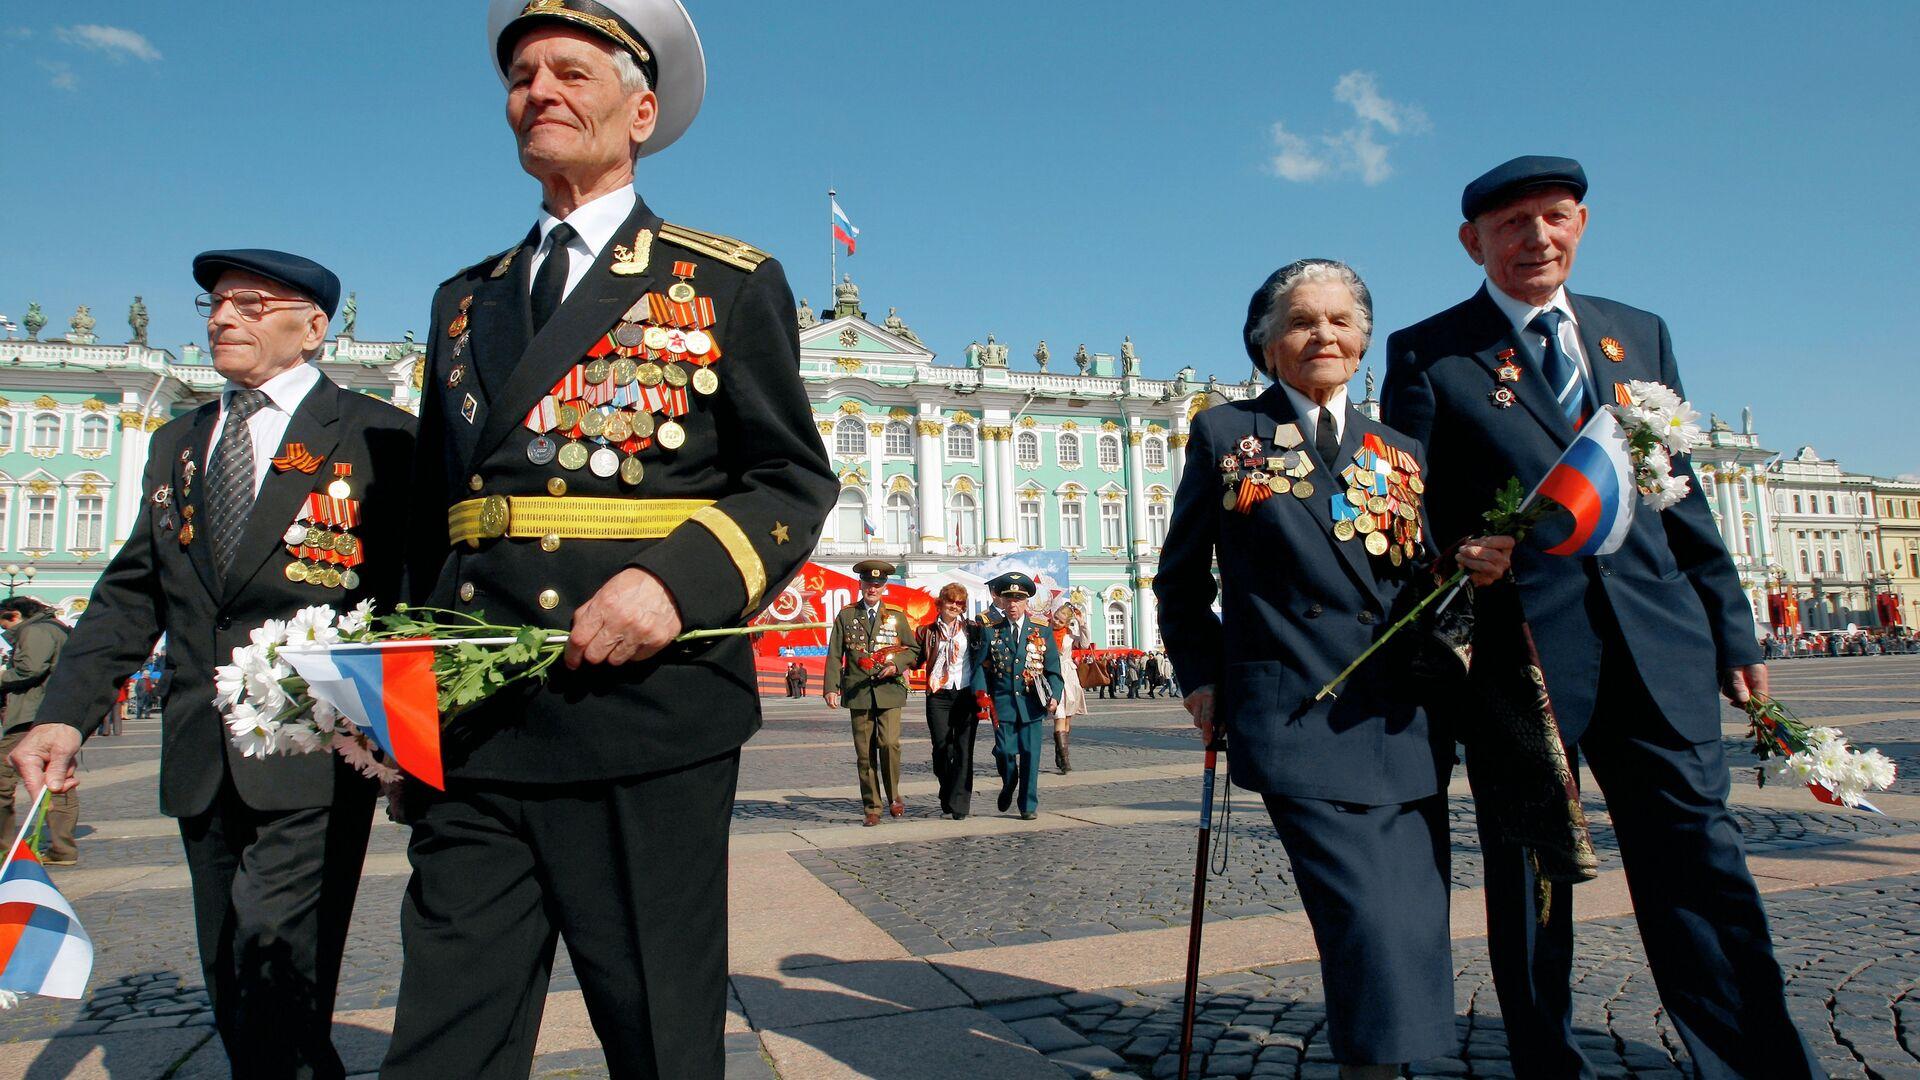 Военный парад в Санкт-Петербурге, посвященный Дню Победы - РИА Новости, 1920, 07.05.2021